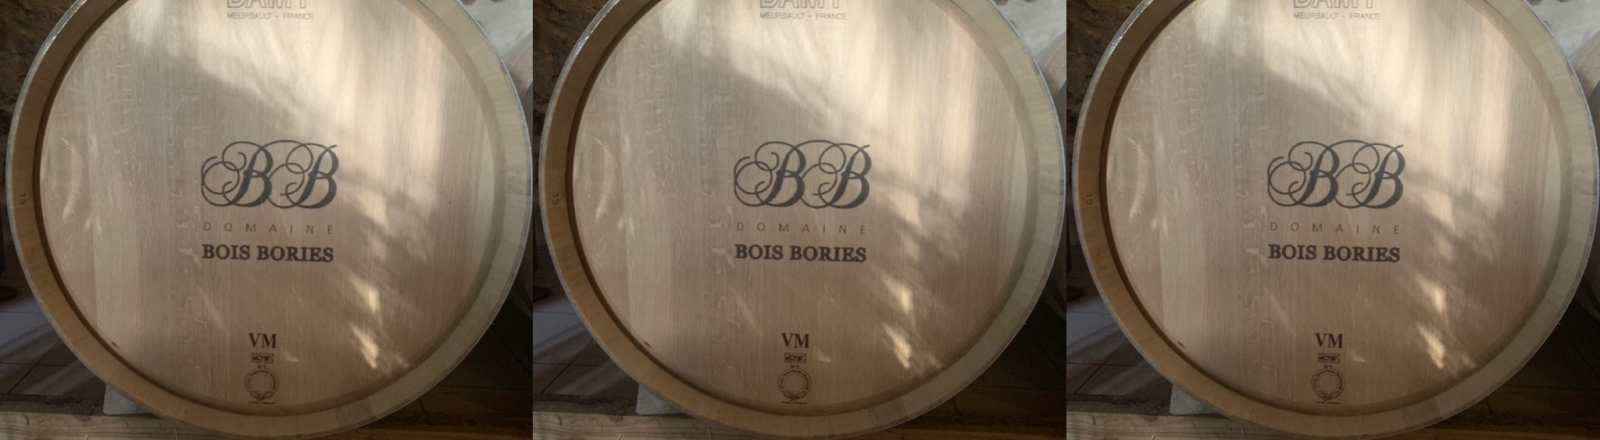 Tonneau Bois Bories © Bois Bories